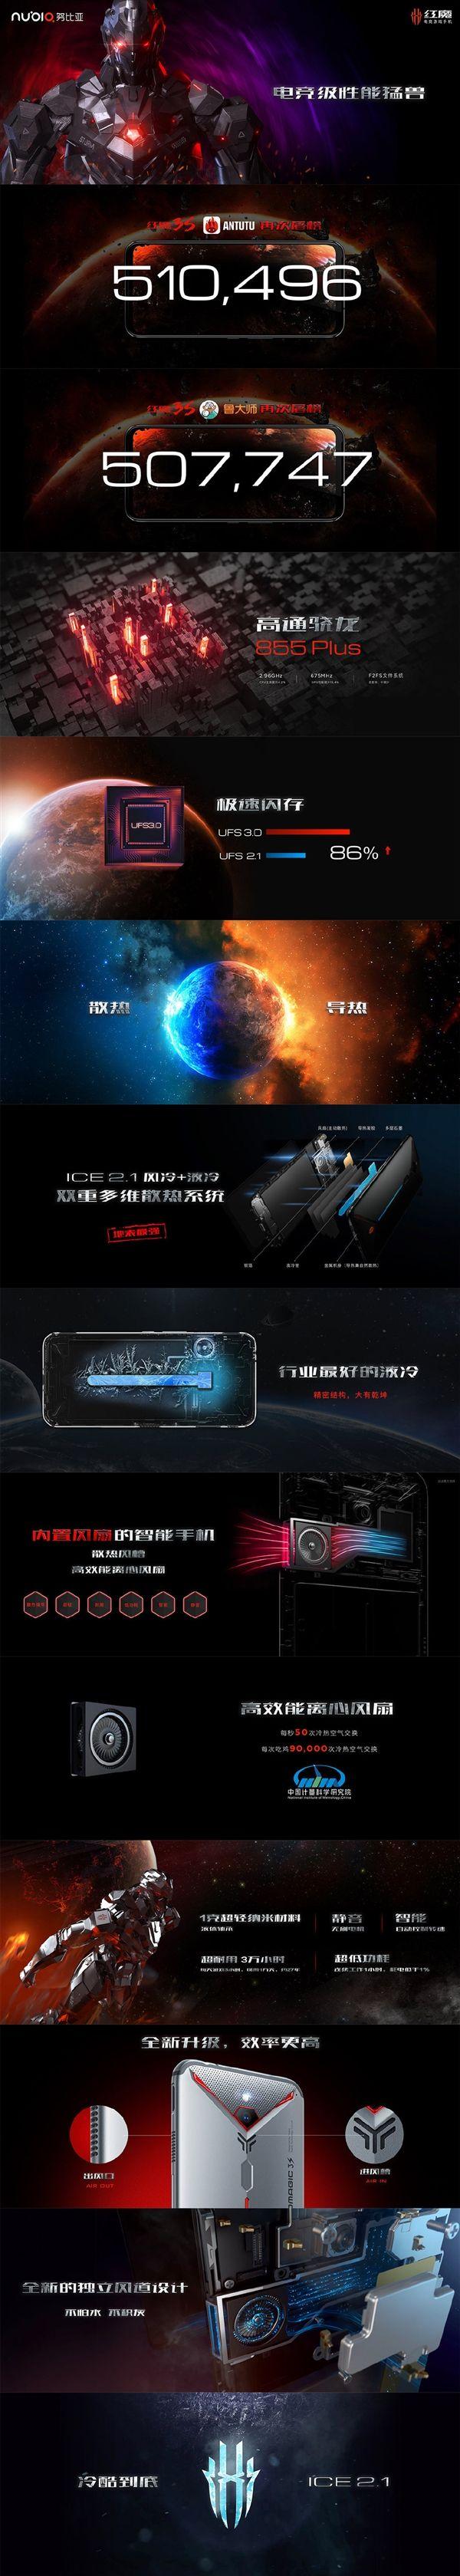 Анонс Nubia Red Magic 3S: серийный суперкар для геймеров – фото 3